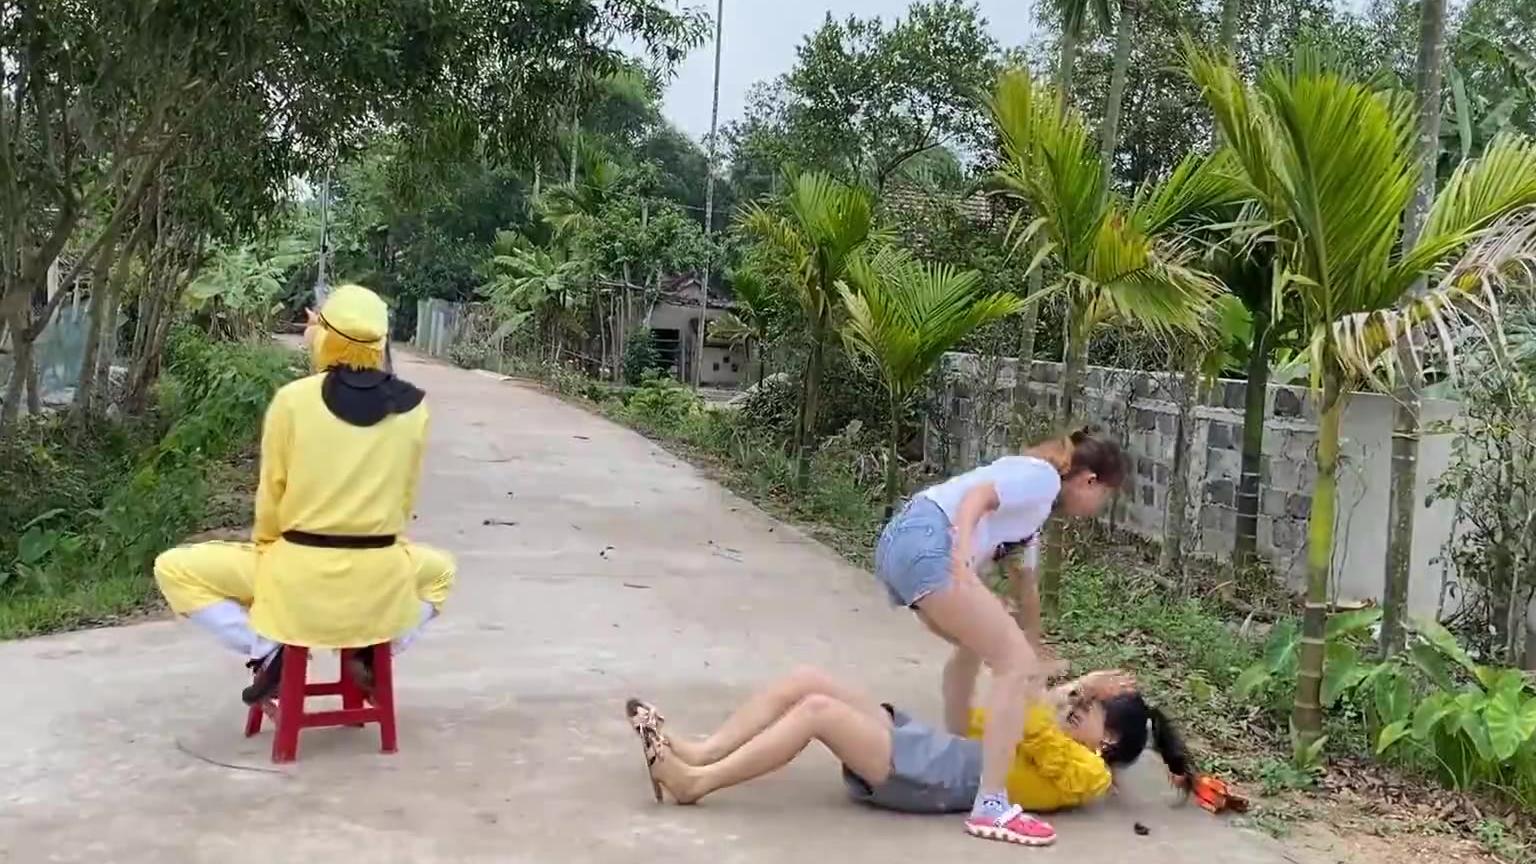 《恶搞喜剧3》两个美女为了孙悟空打架,结果美女吓的跳起来跑?